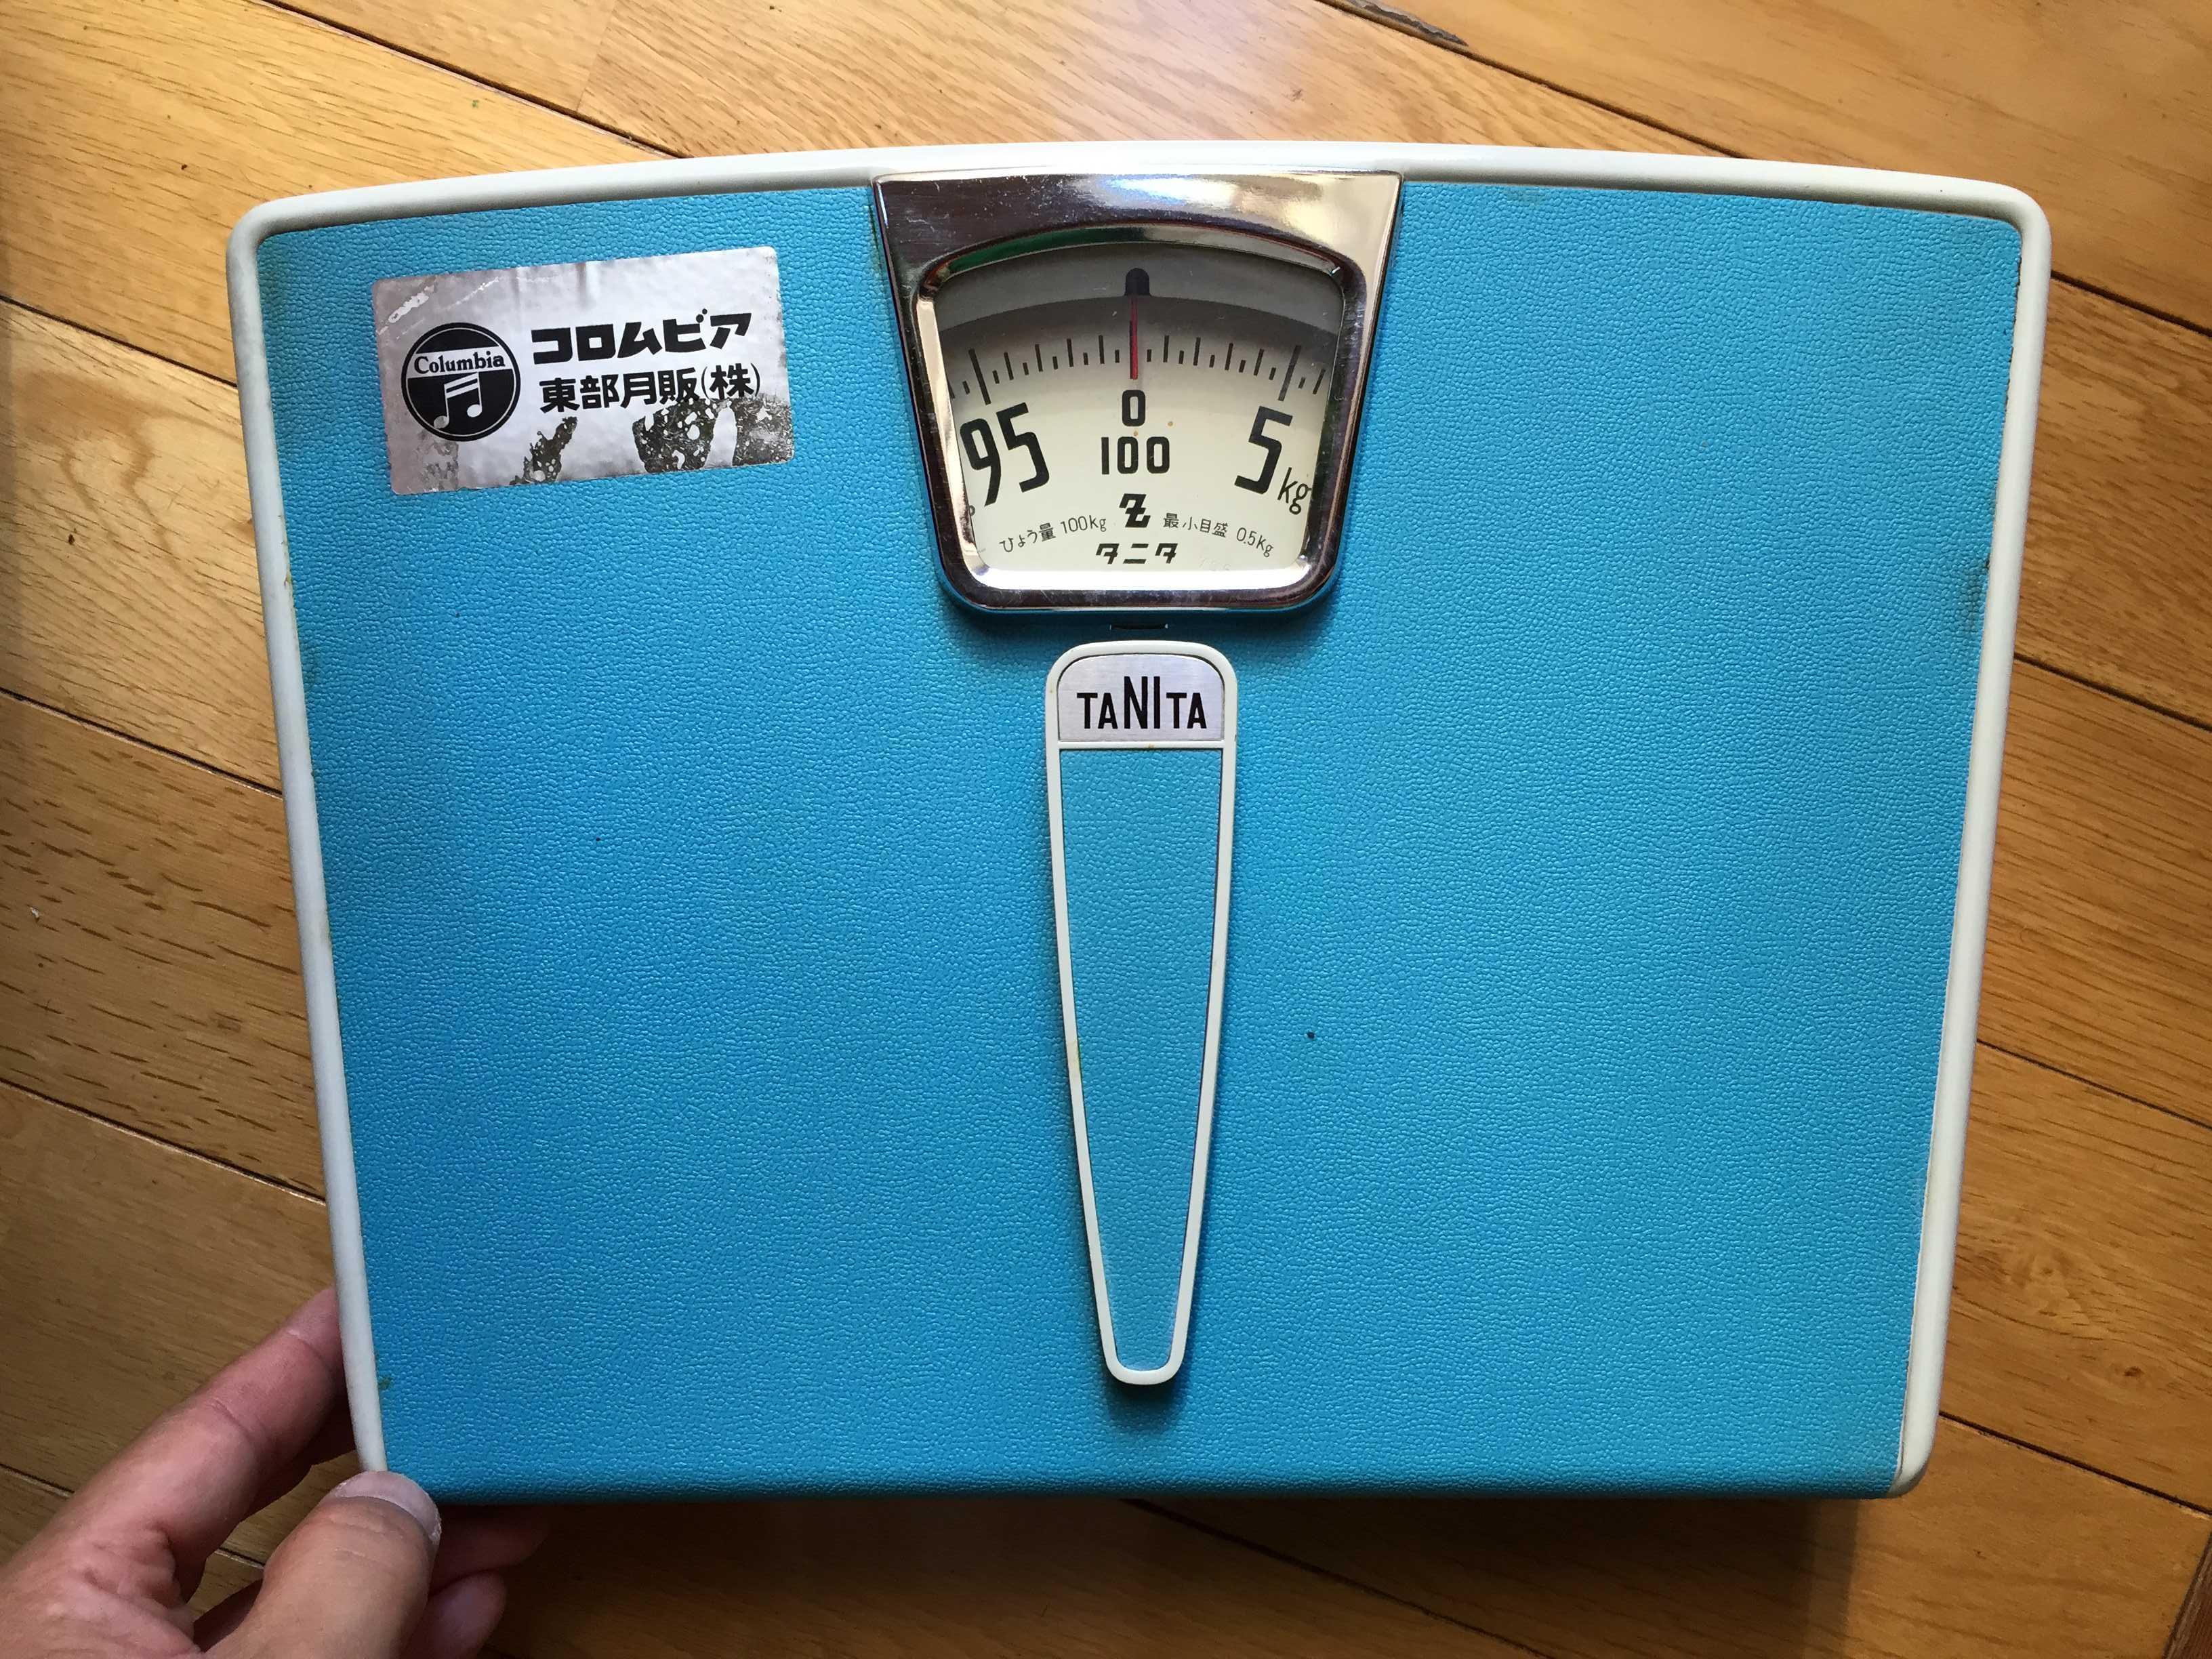 コロムビア 東部月販(株)のシールが貼ってあるタニタ(TANITA)の体重計